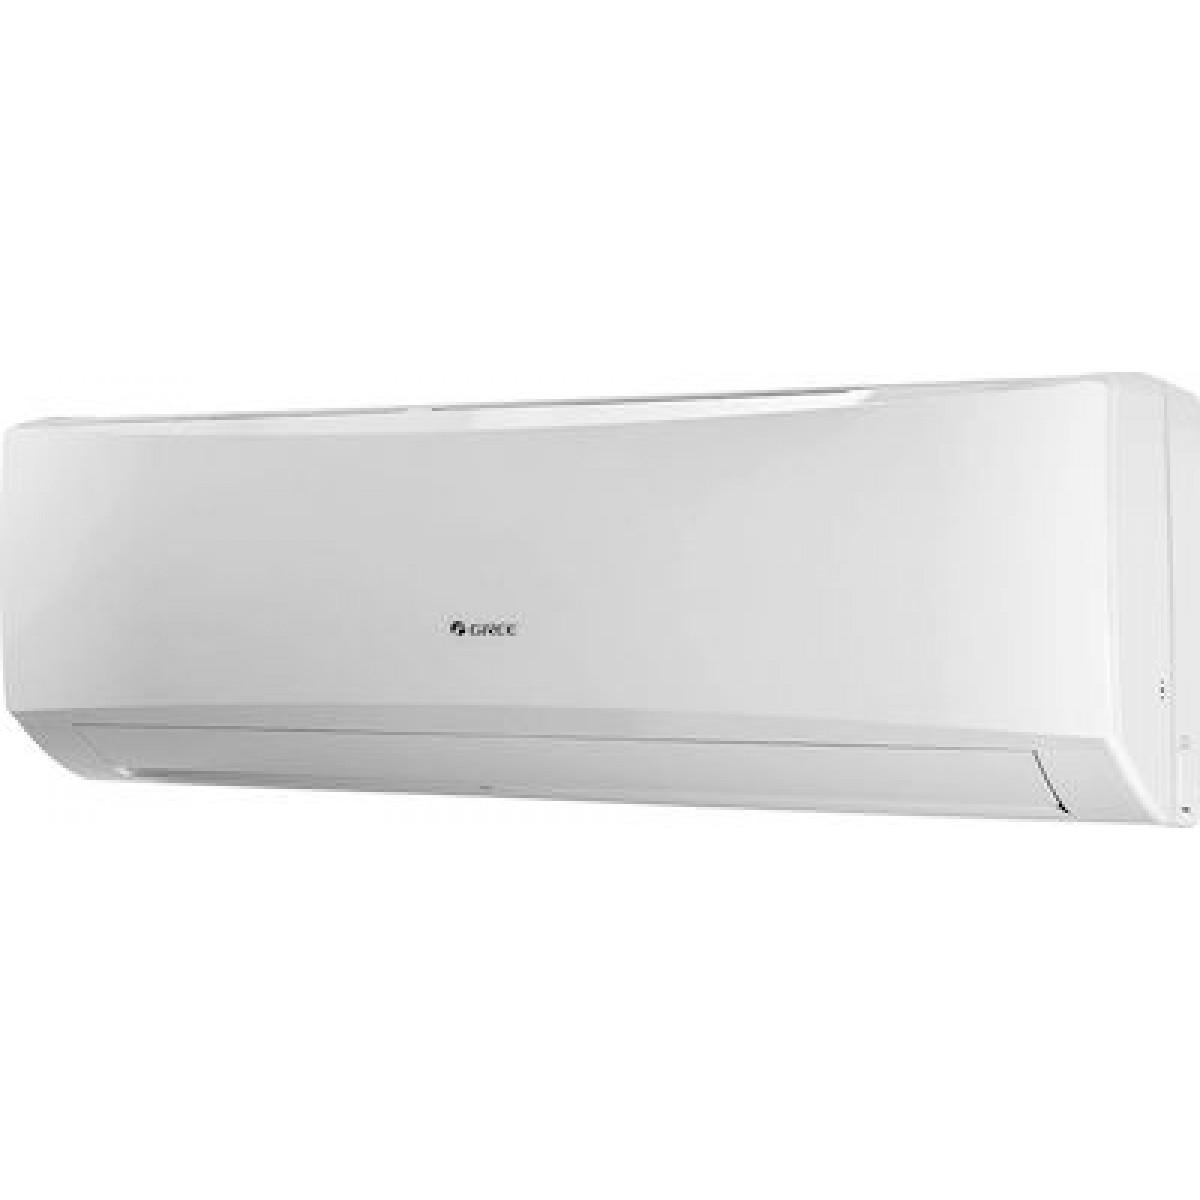 Κλιματιστικό Gree Lomo GRS 241 EI/JLM1-N3 24000BTU R32 ΙΟΝΙΣΤΗΣ  Κλιματιστικά Inverter